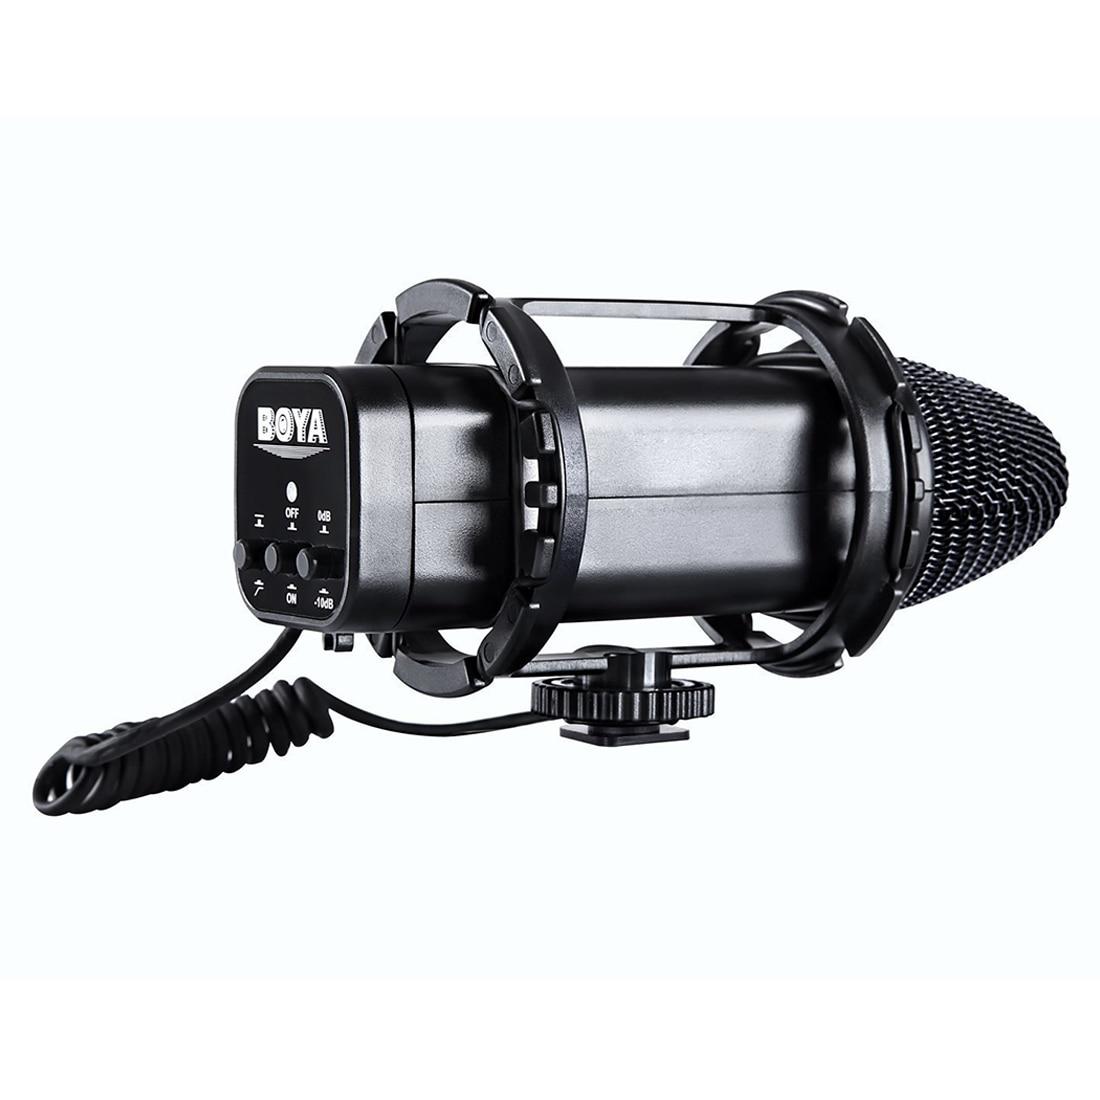 BOYA BY-V02 Camera Stereo Condensor miniphone for DSLR Canon 5D2 5D Mark III 6D 600D Nikon D800 D800E D810 D600 D300 D7000 Camco